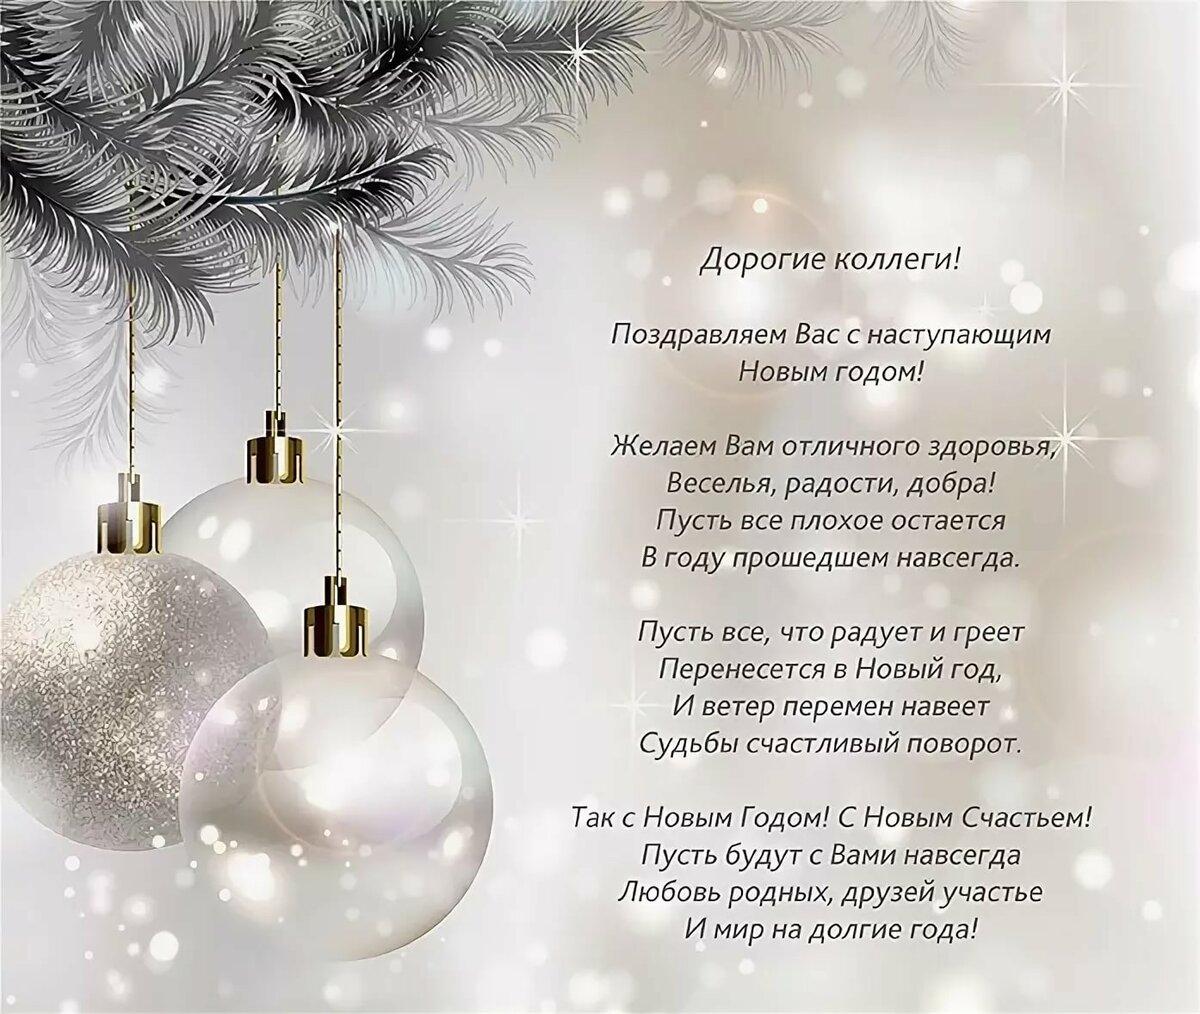 поздравление стихами с новым годом 2017 для открытки